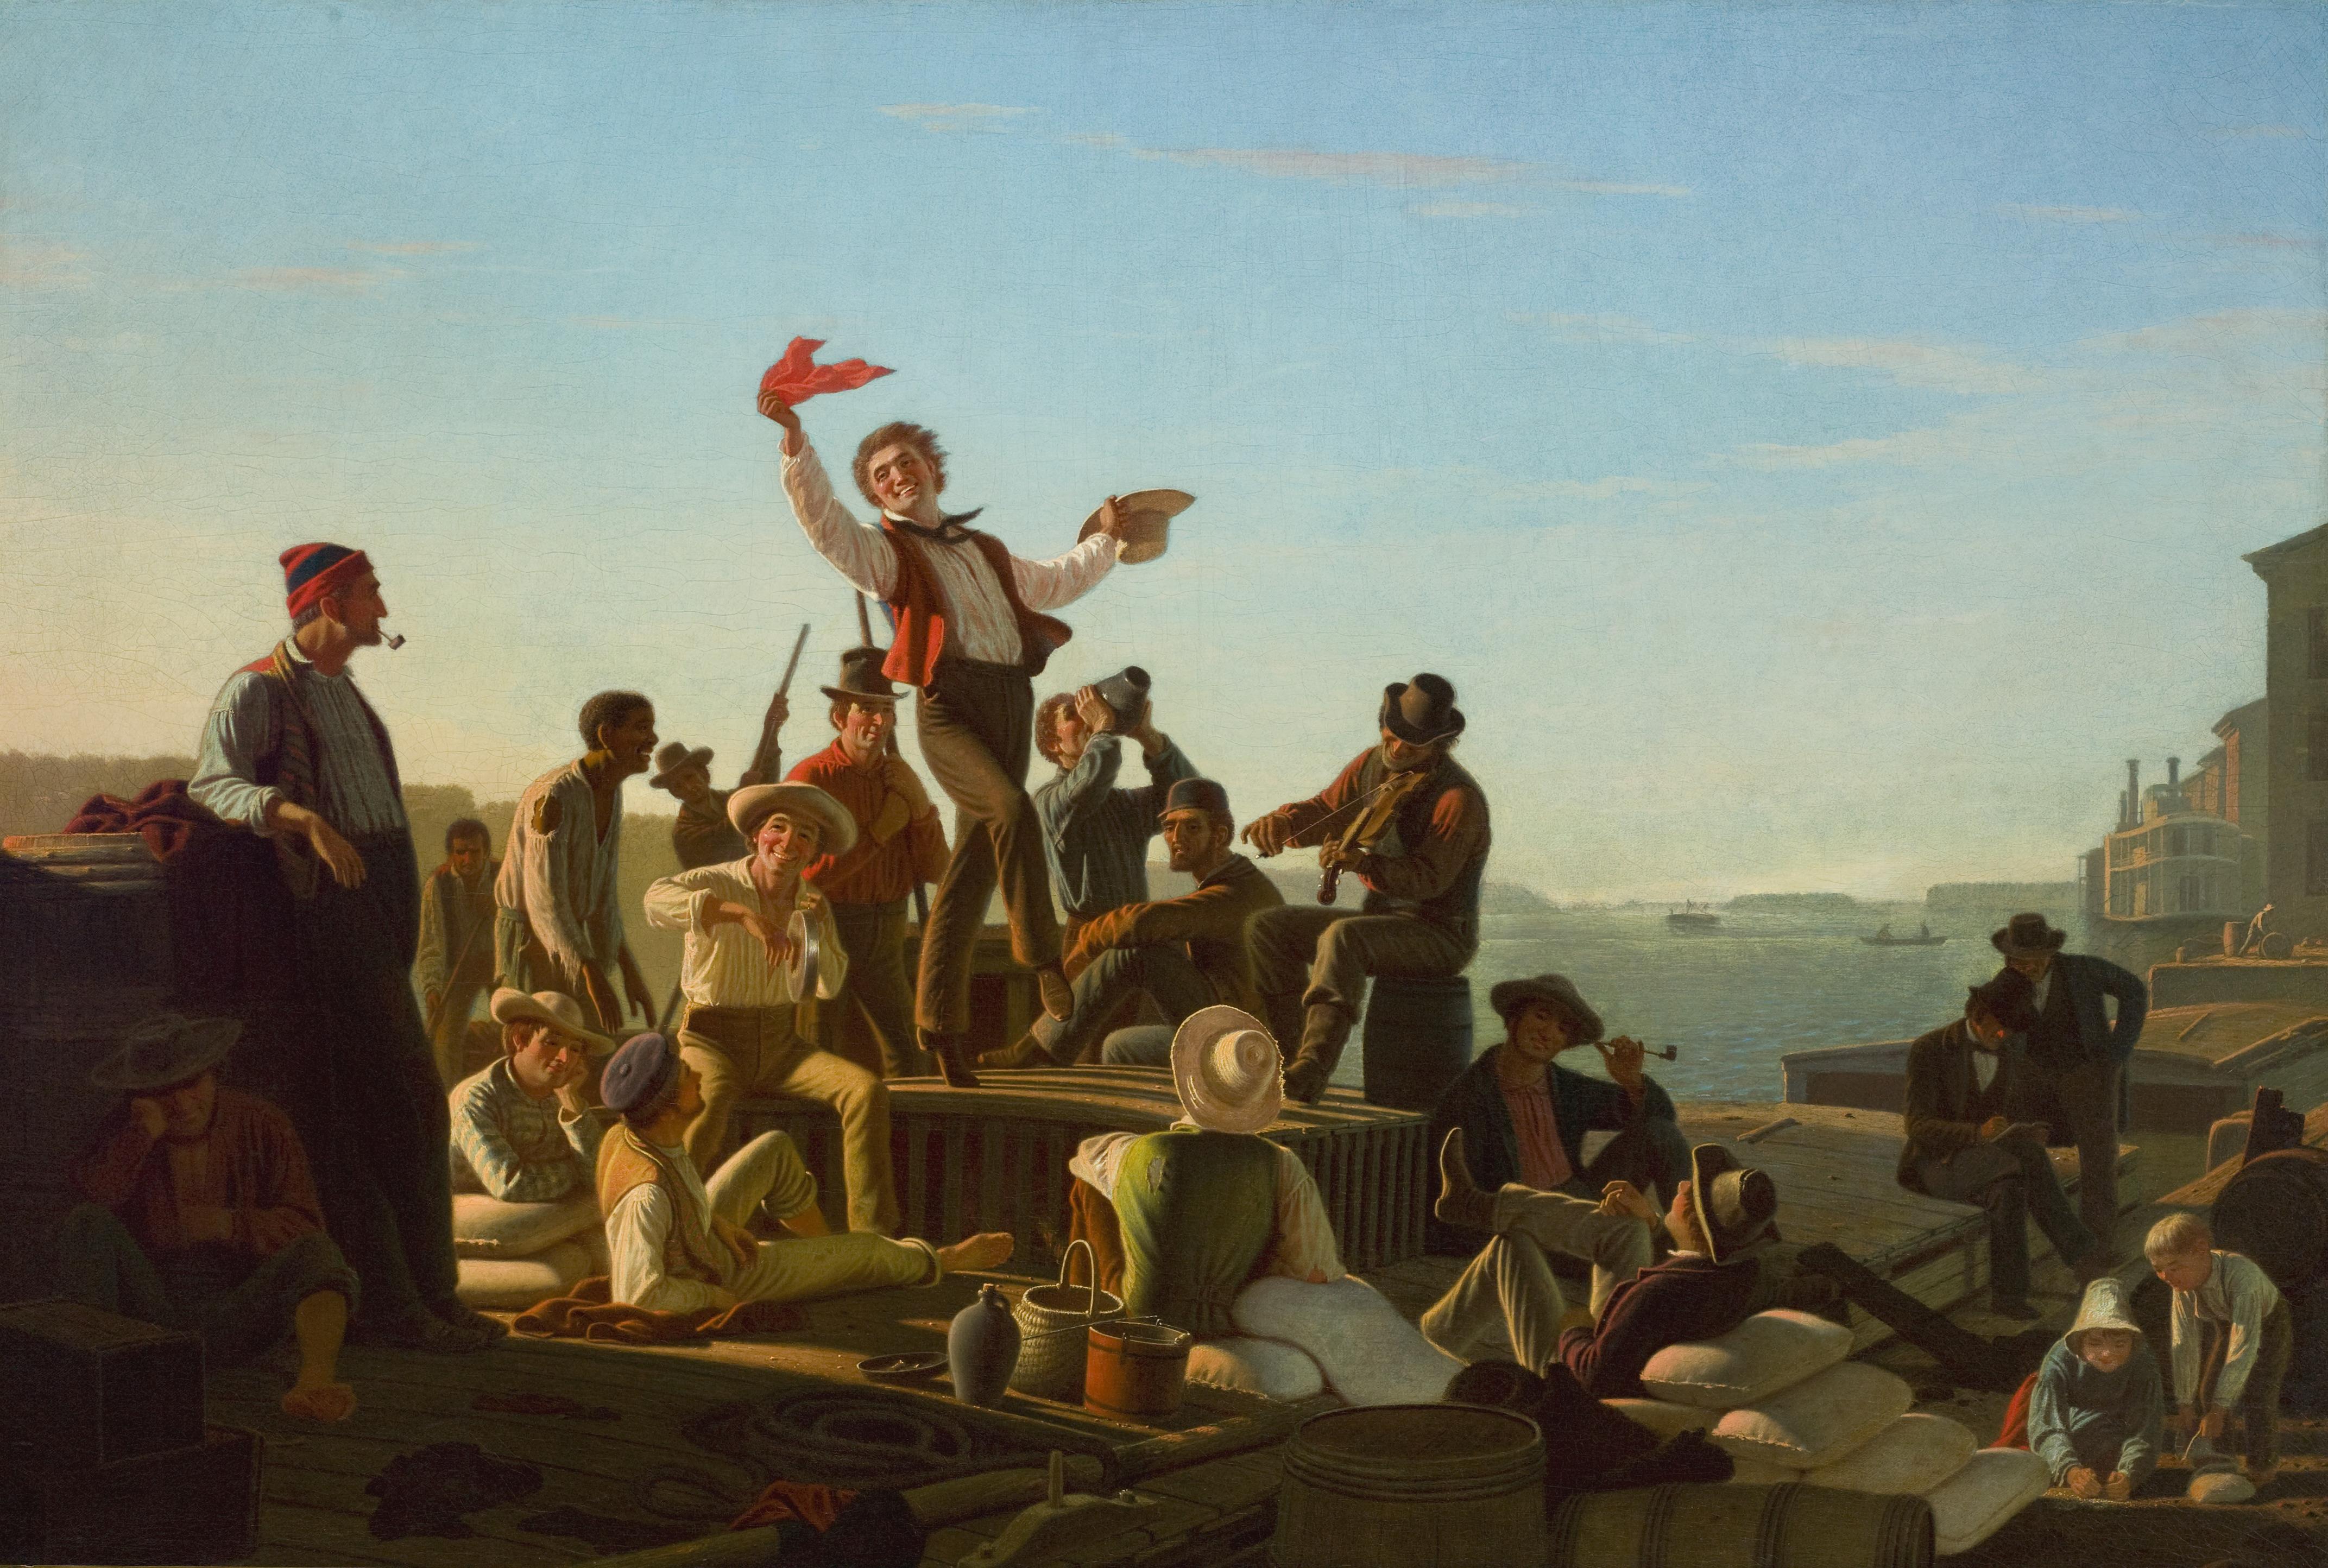 George Caleb Bingham Oil Painting